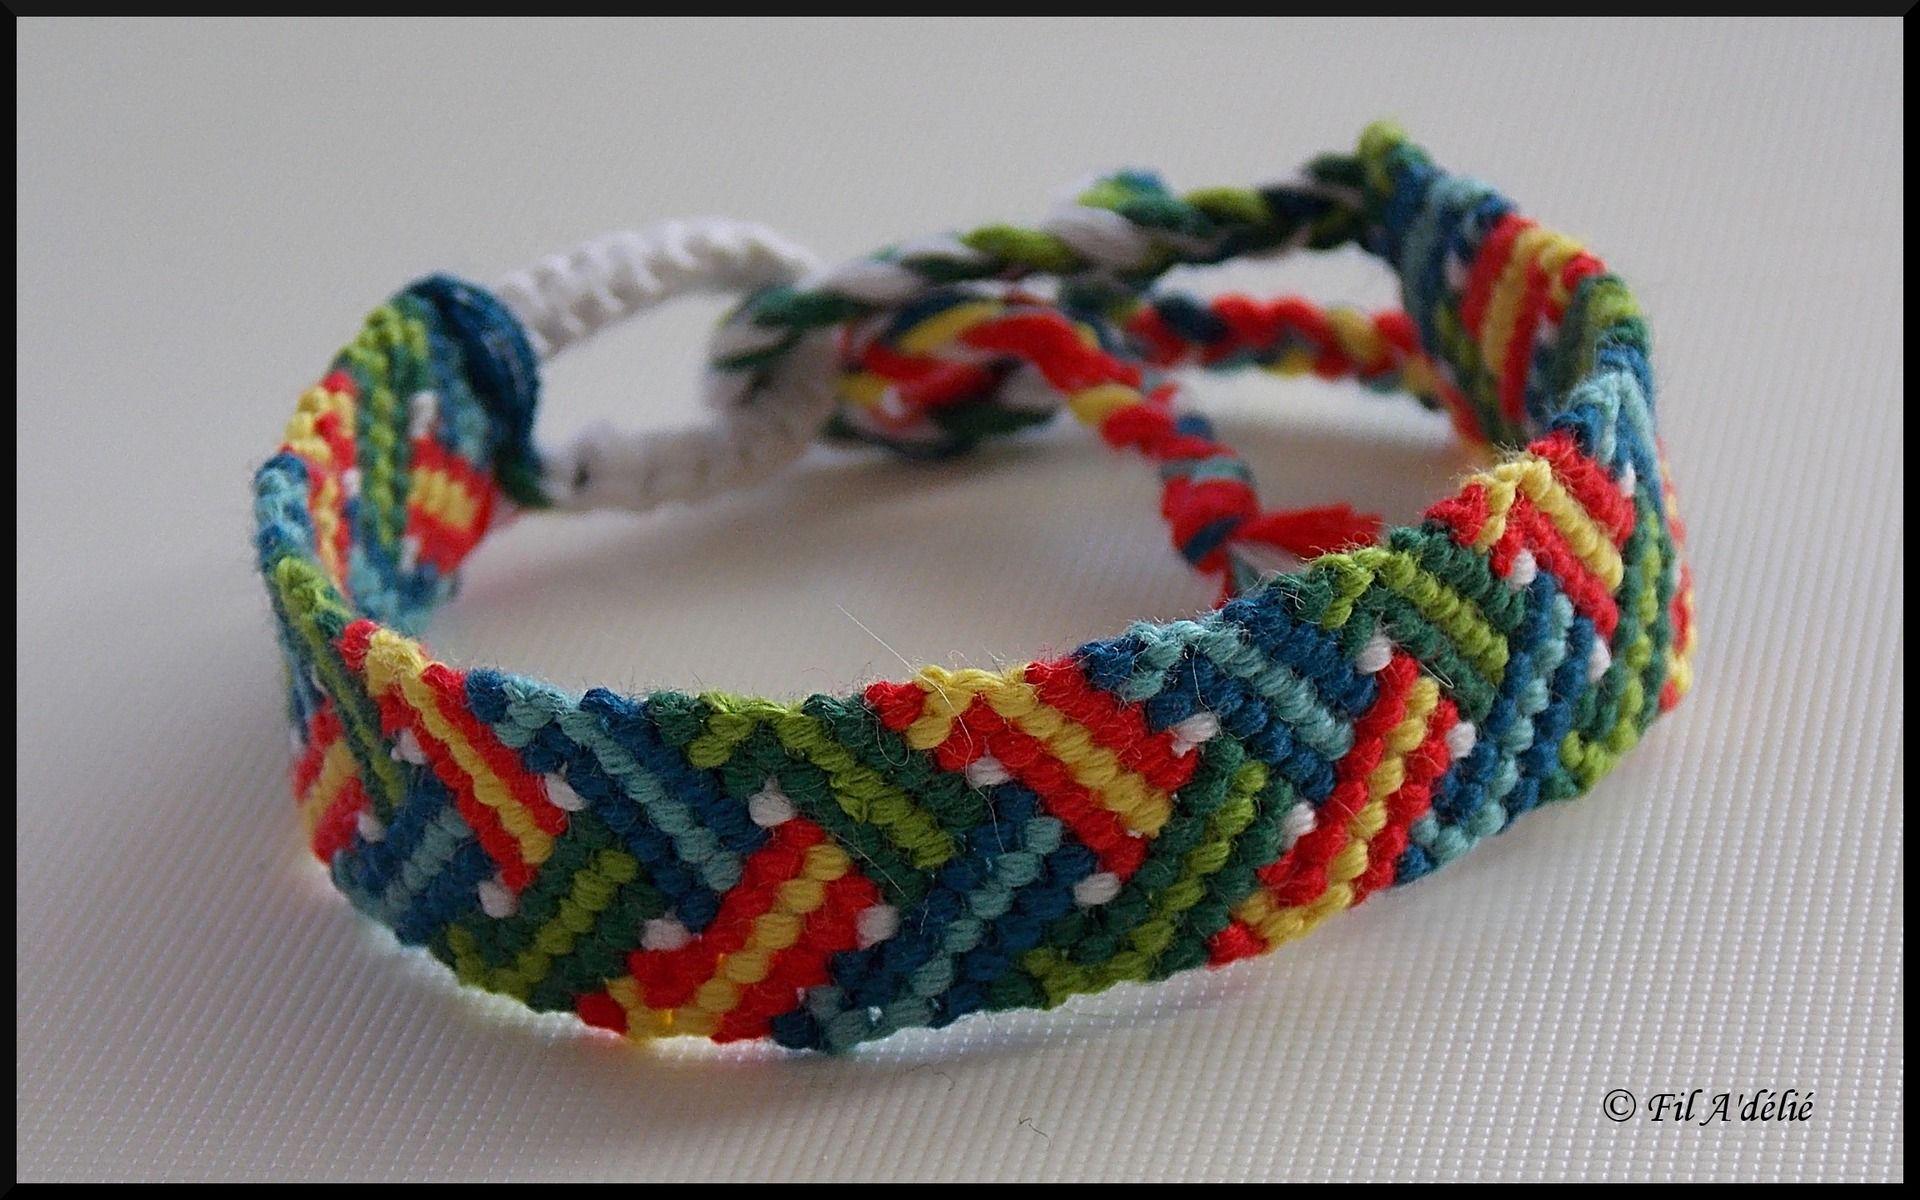 Bracelet brésilien zigzag entrelacé multicolore : http://filadelie.alittlemarket.com